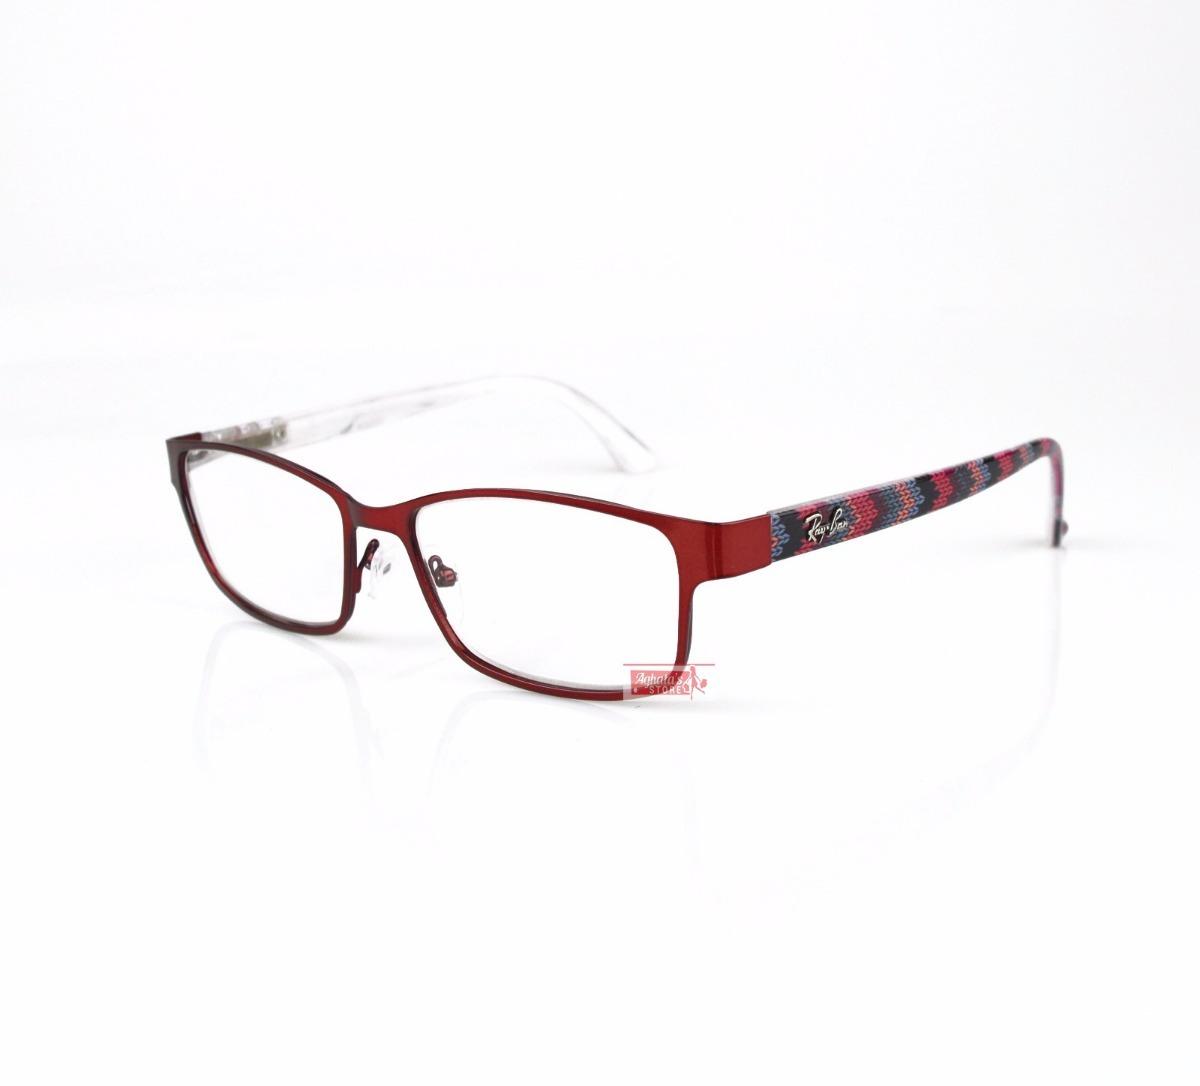 7aeaeea029ab4 armação oculos grau feminino masculino metal quadrado 1371. Carregando zoom.